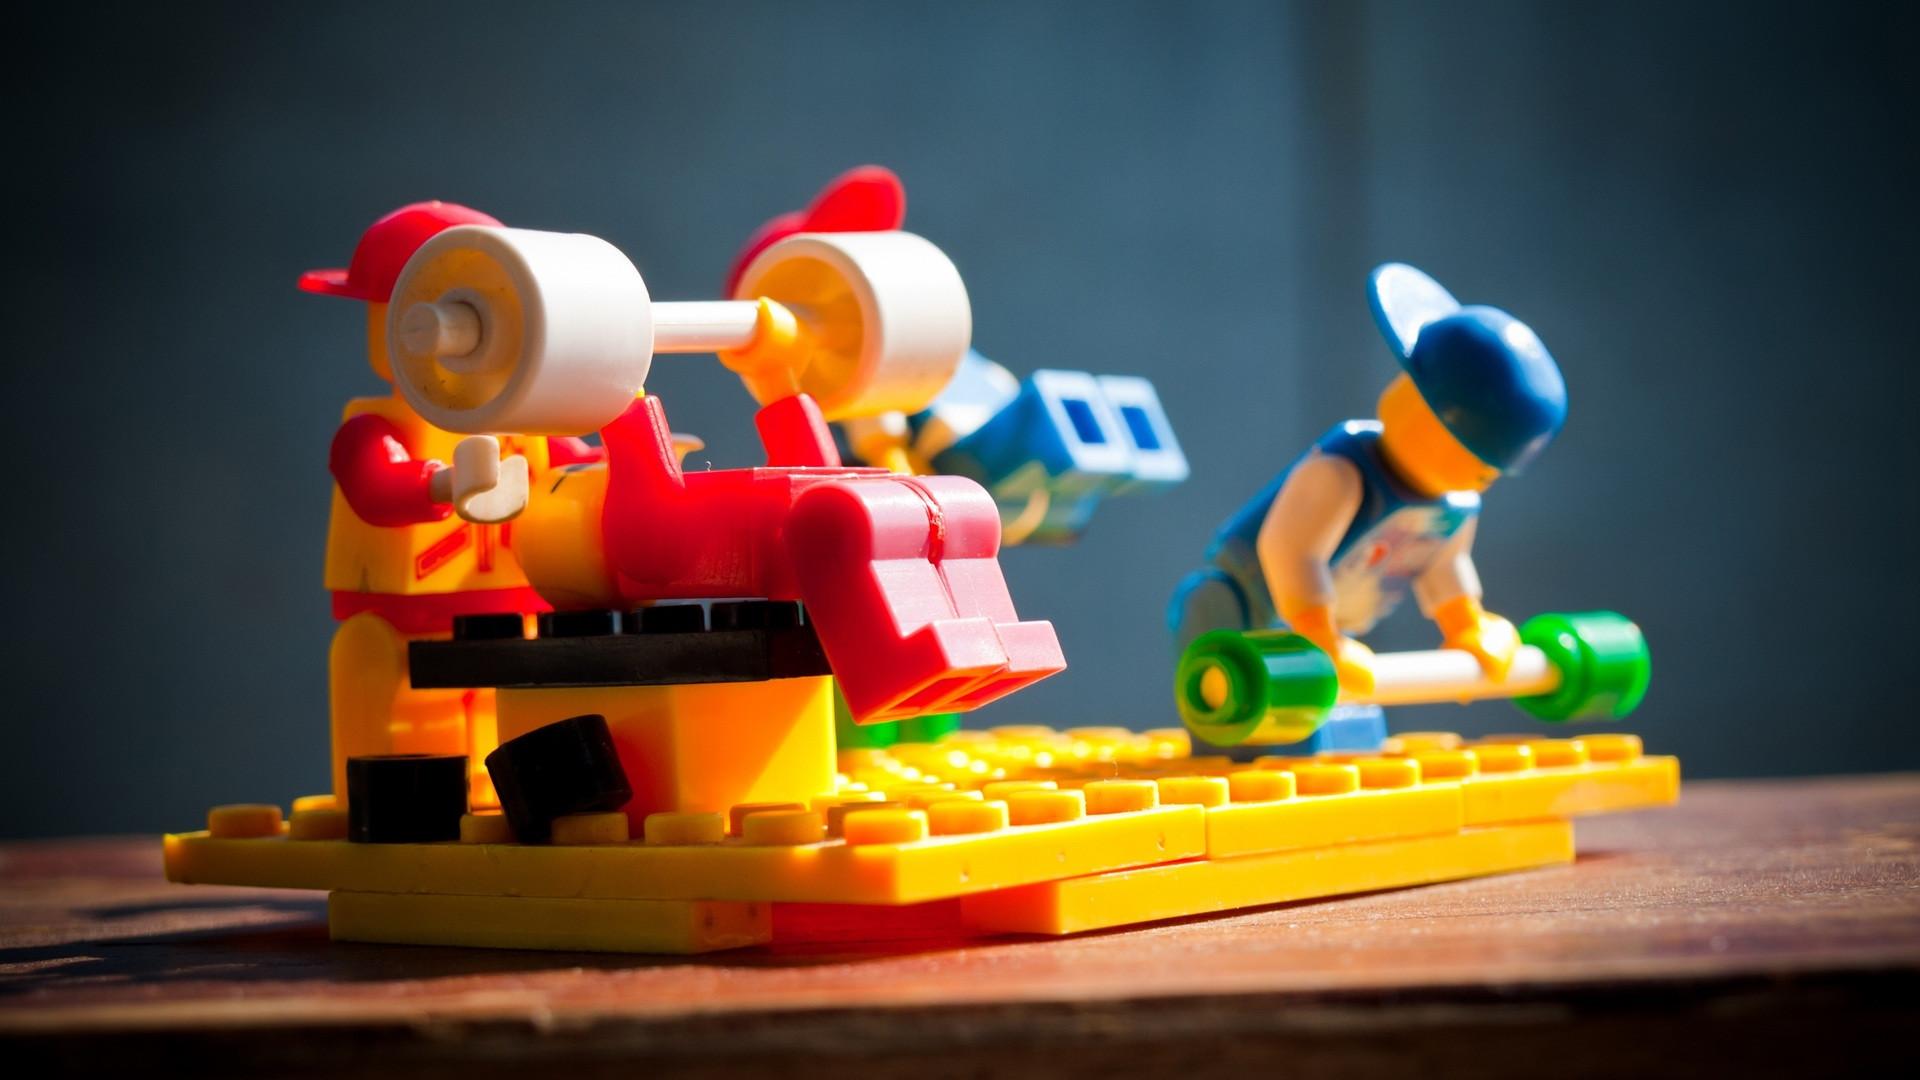 игрушки креативное  № 3516077 загрузить